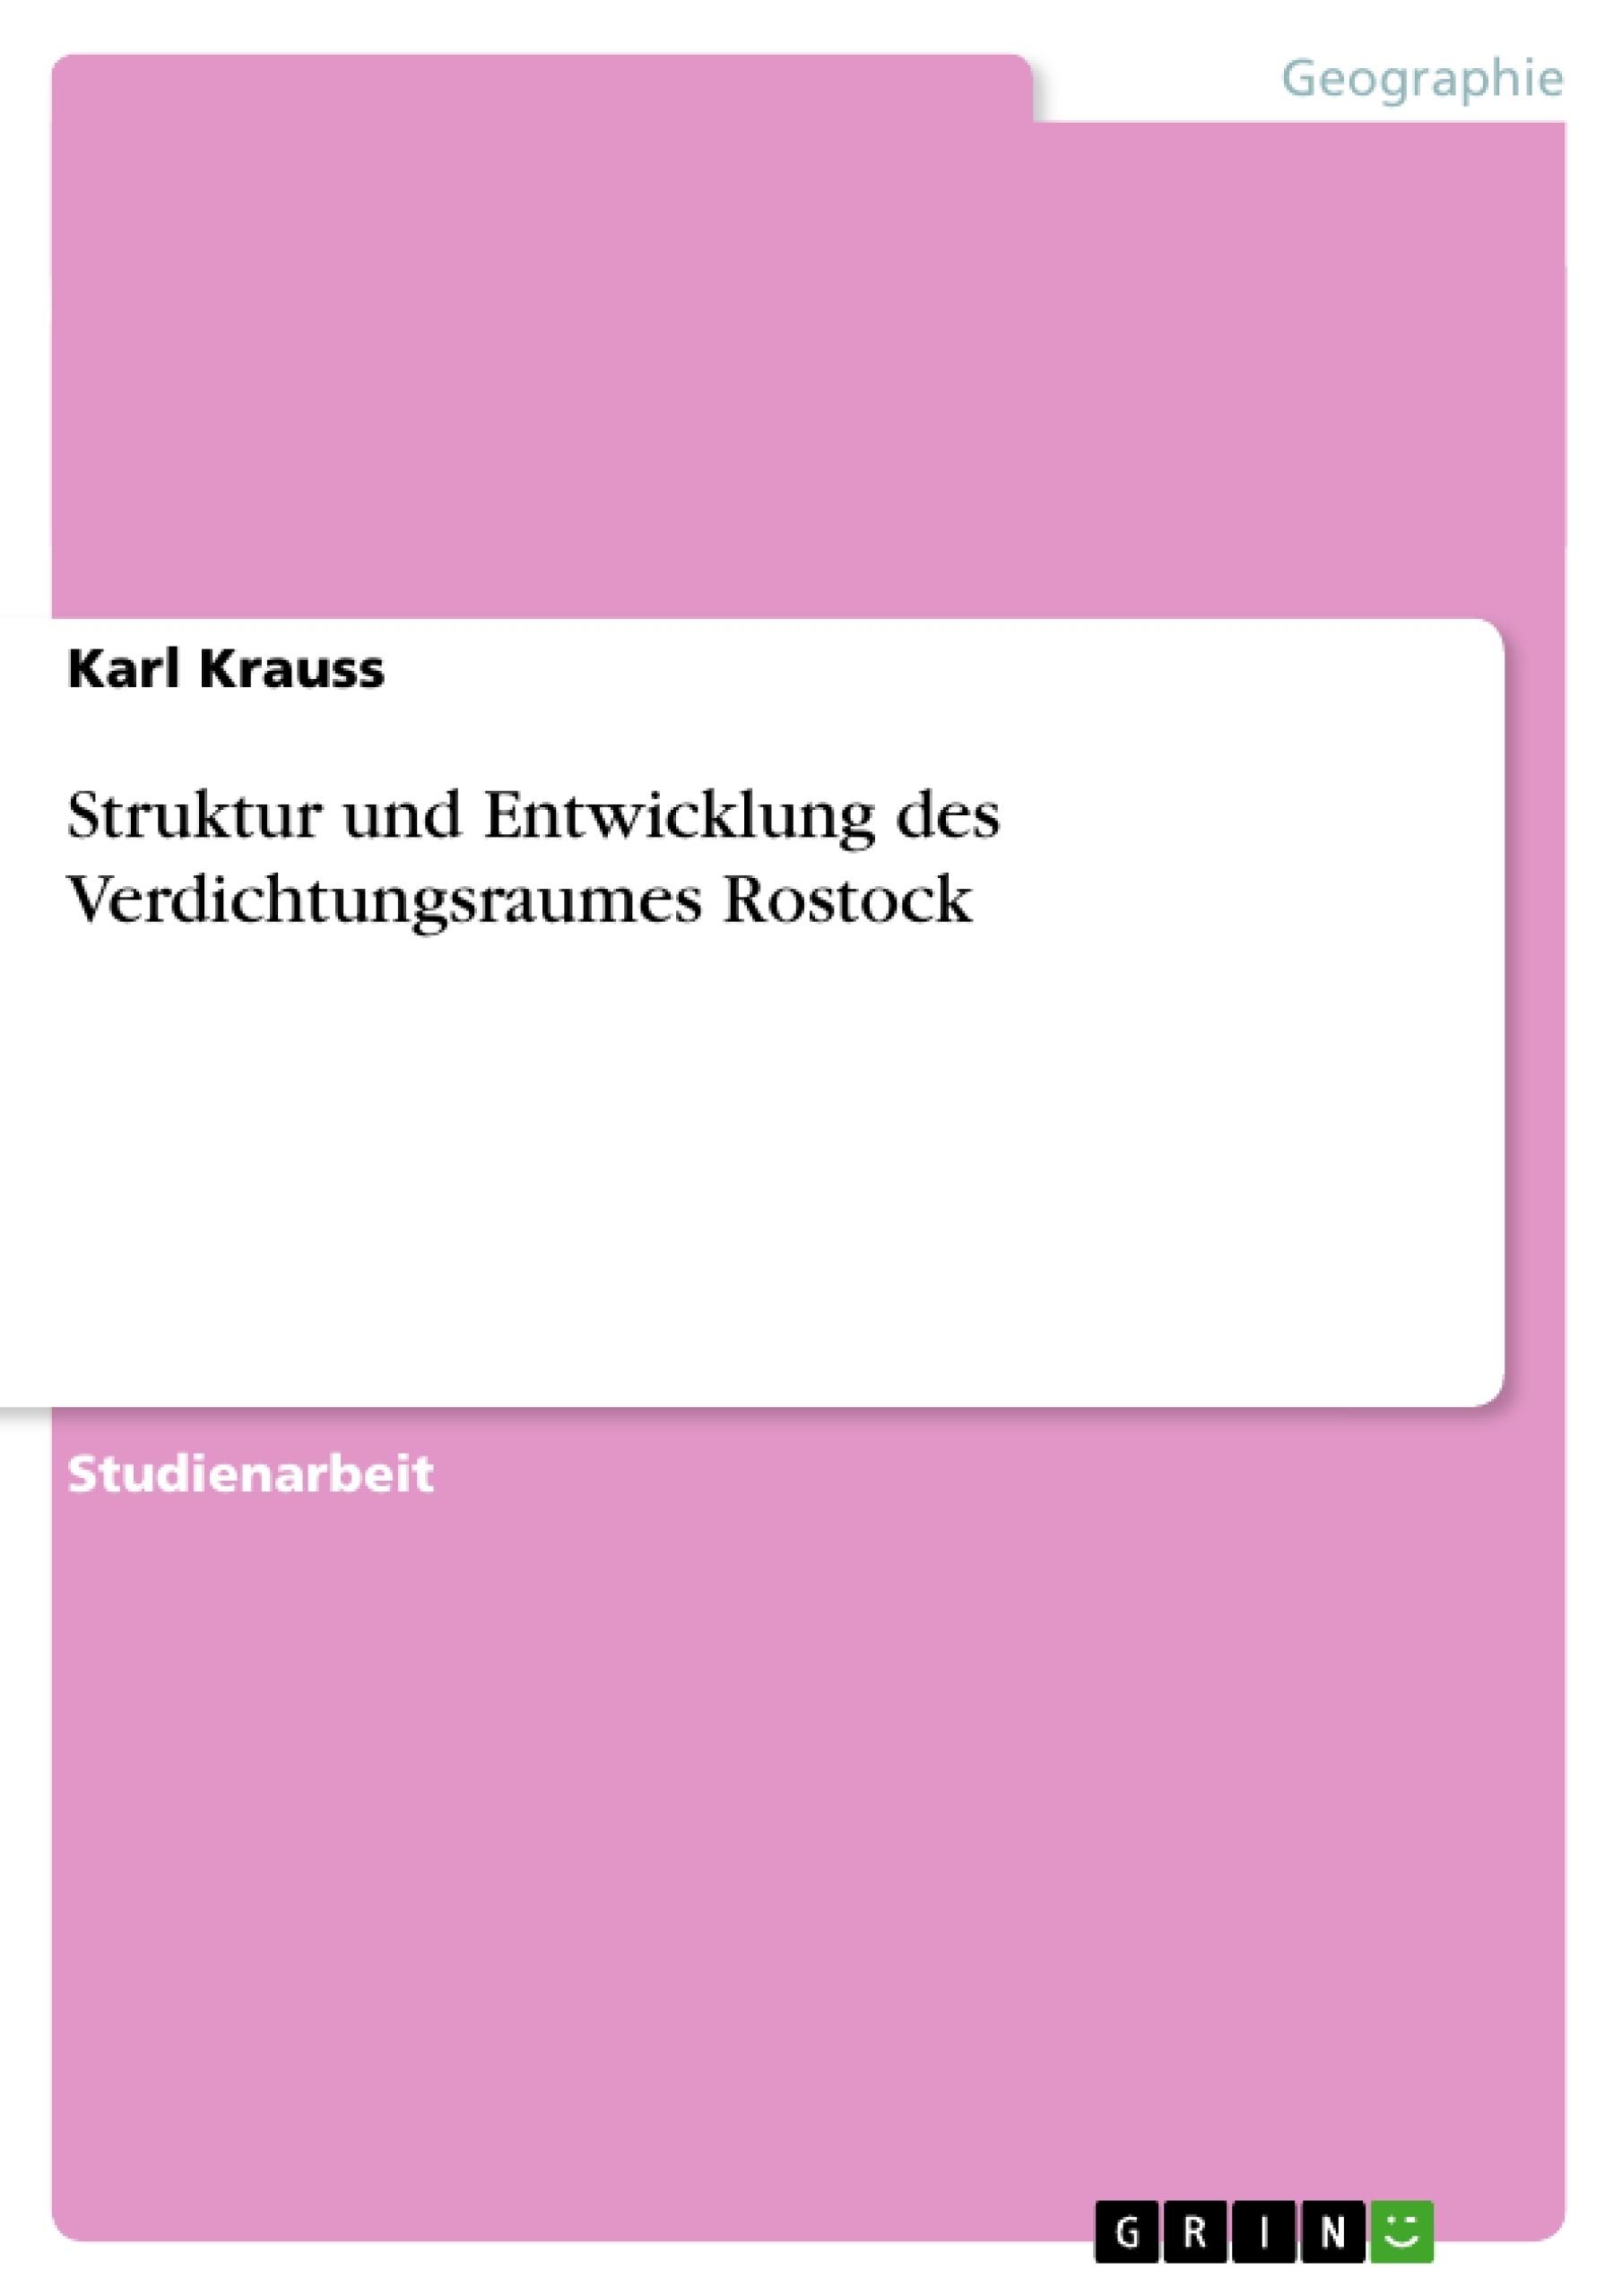 Titel: Struktur und Entwicklung des Verdichtungsraumes Rostock